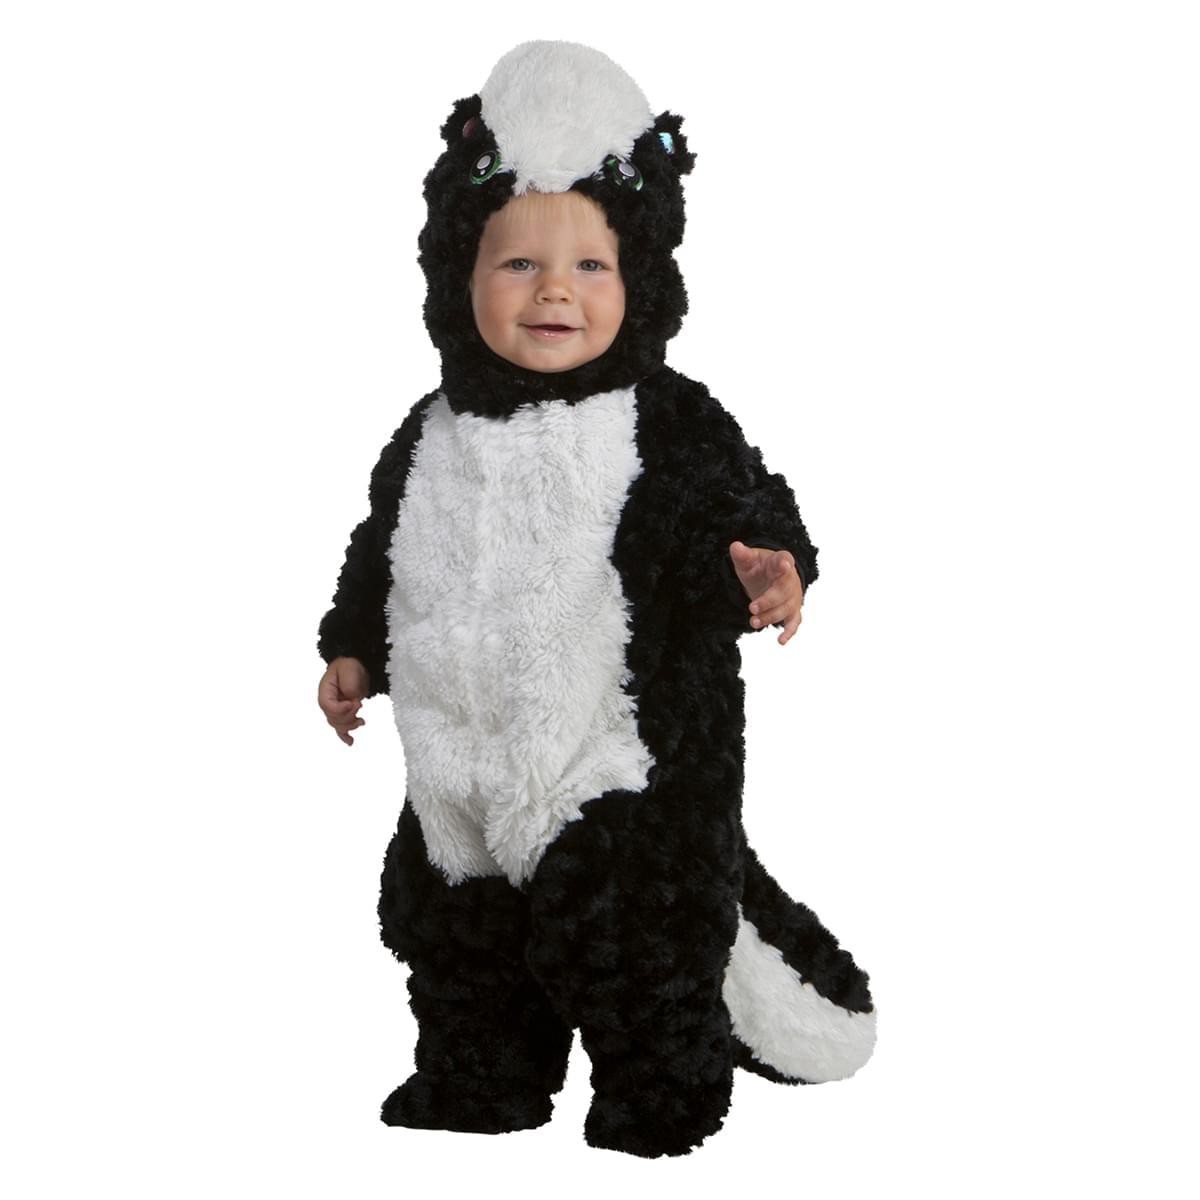 Precious Skunk Infant Costume